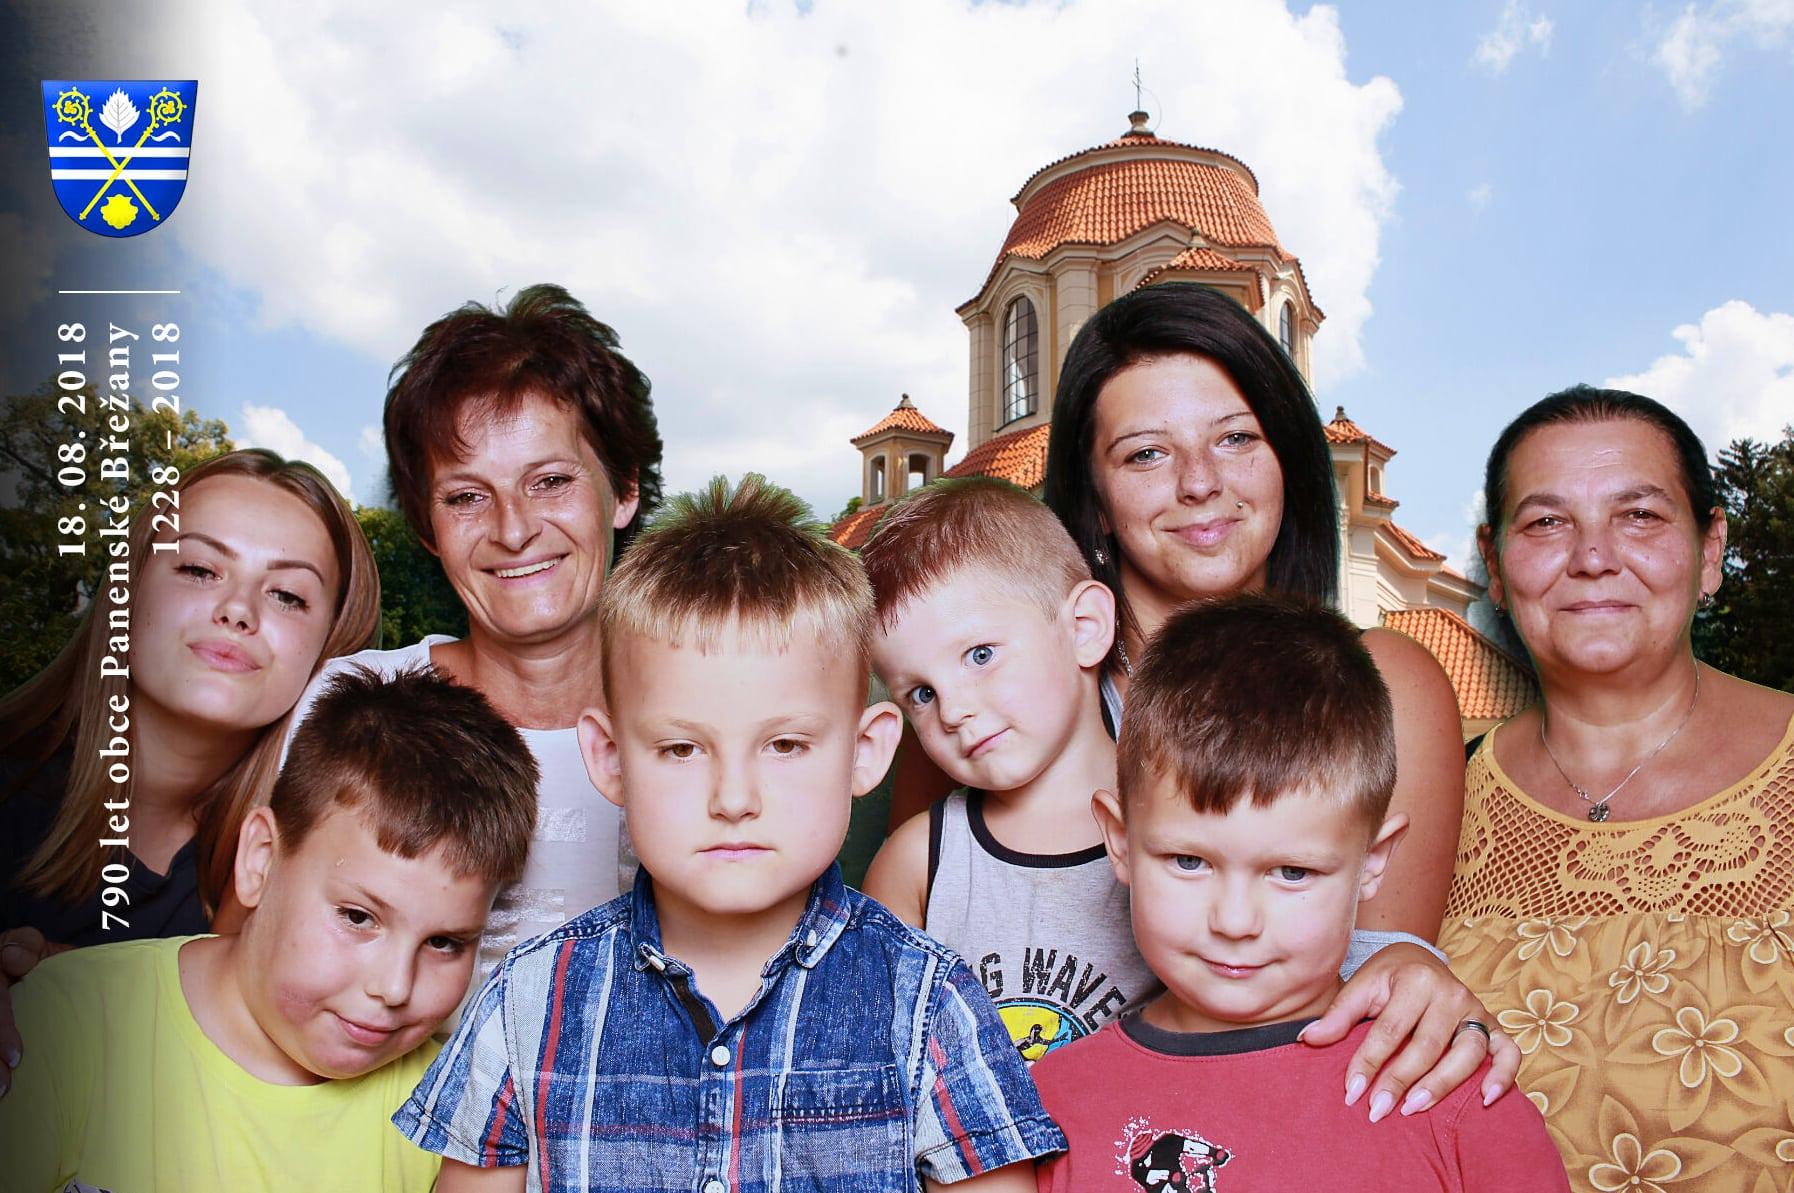 fotokoutek-panenske-brezany-18-8-2018-470703